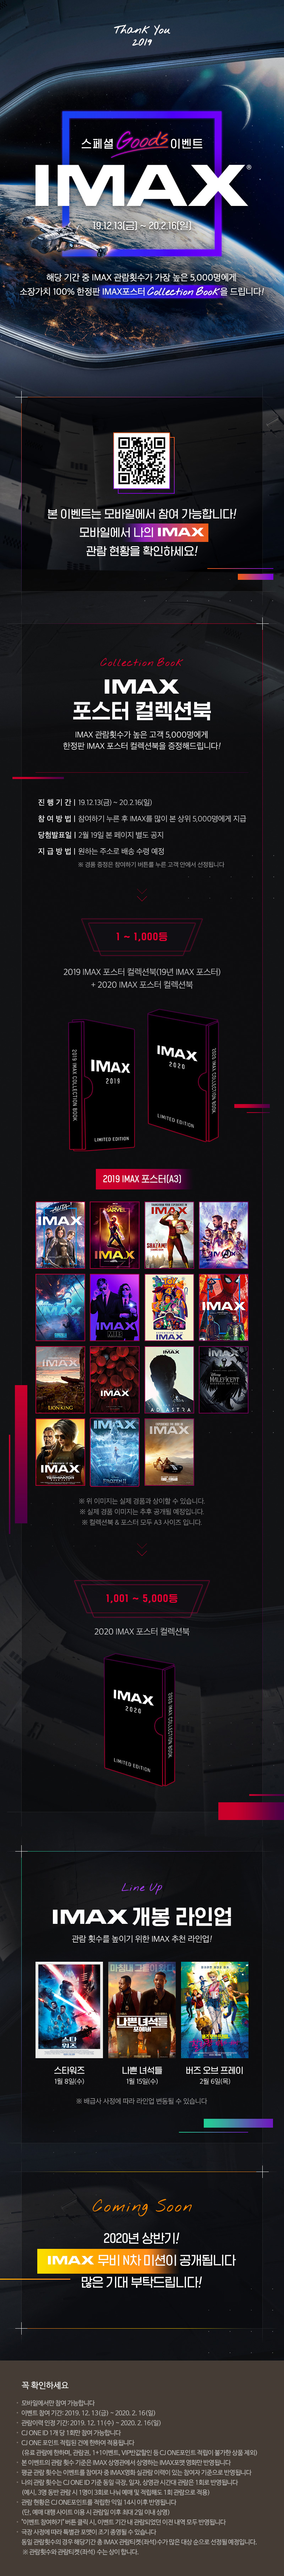 스페셜이벤트 IMAX 스페셜 굿즈 증정 이벤트!